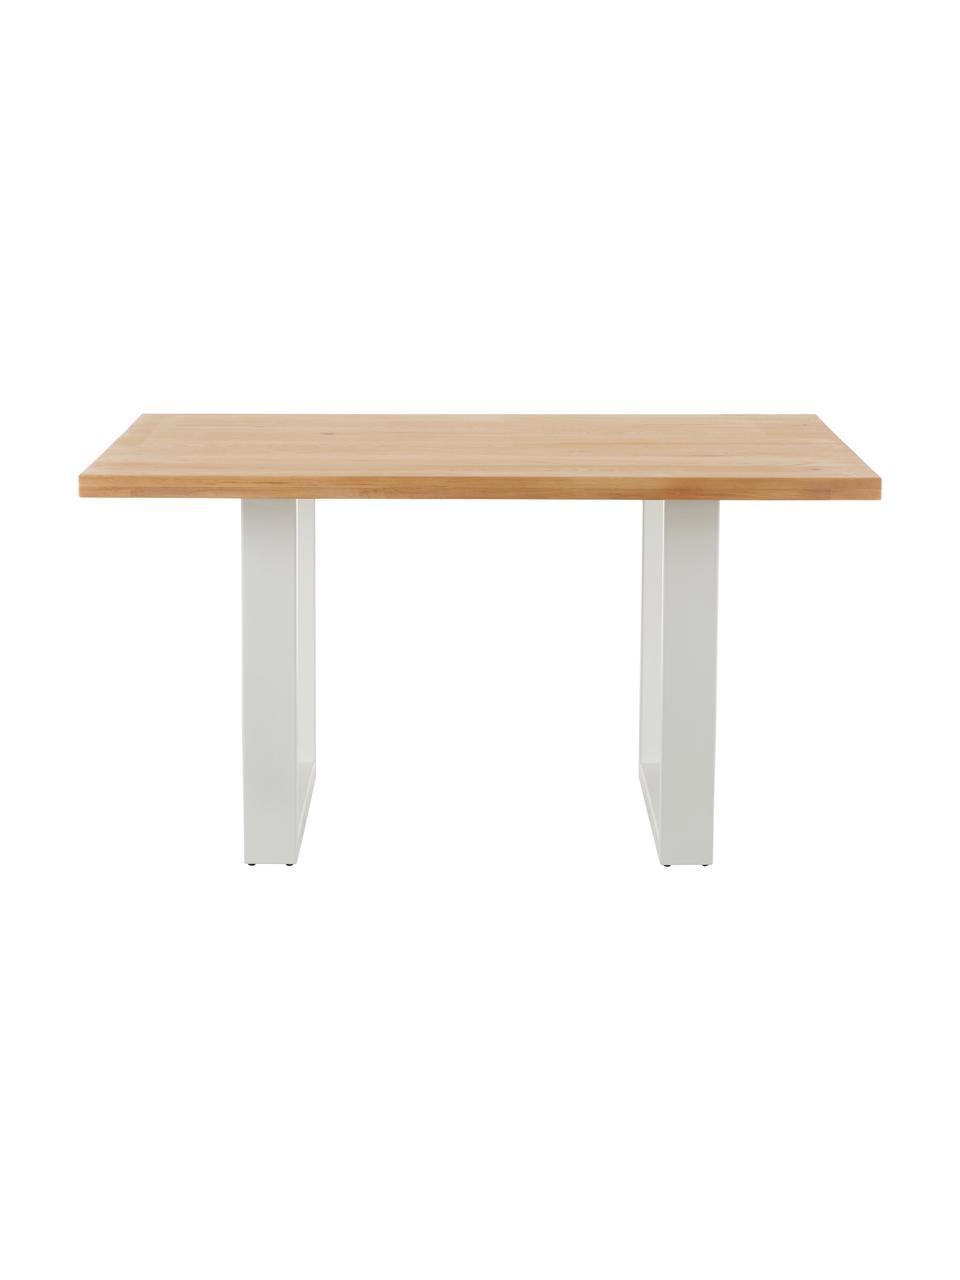 Table en bois massif Oliver, Chêne sauvage